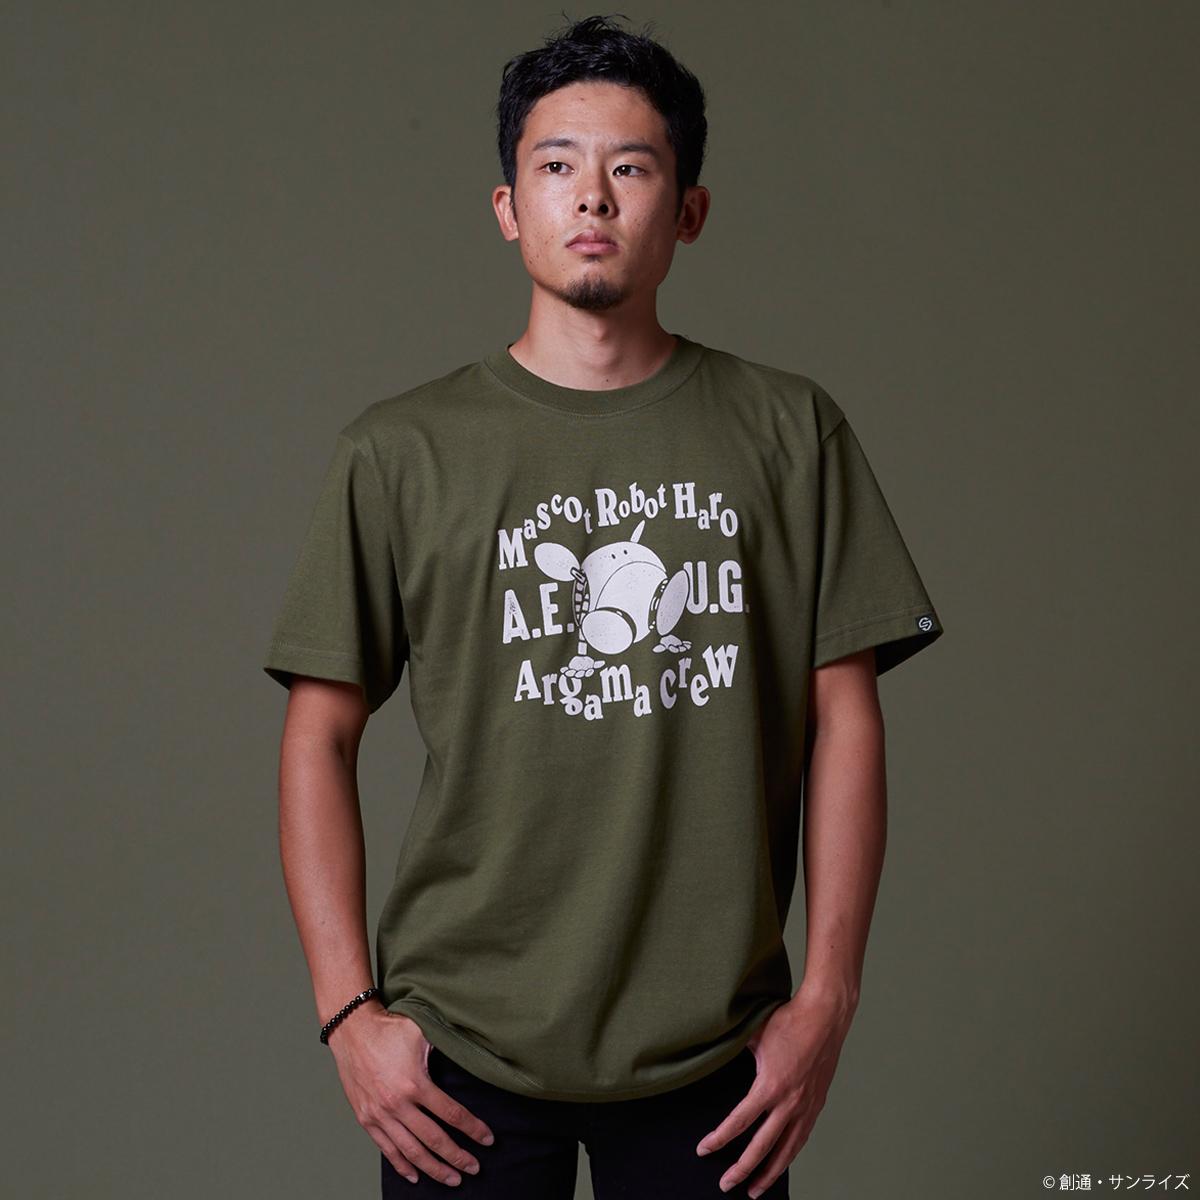 『機動戦士Zガンダム』 Tシャツ ハロ・クルー柄